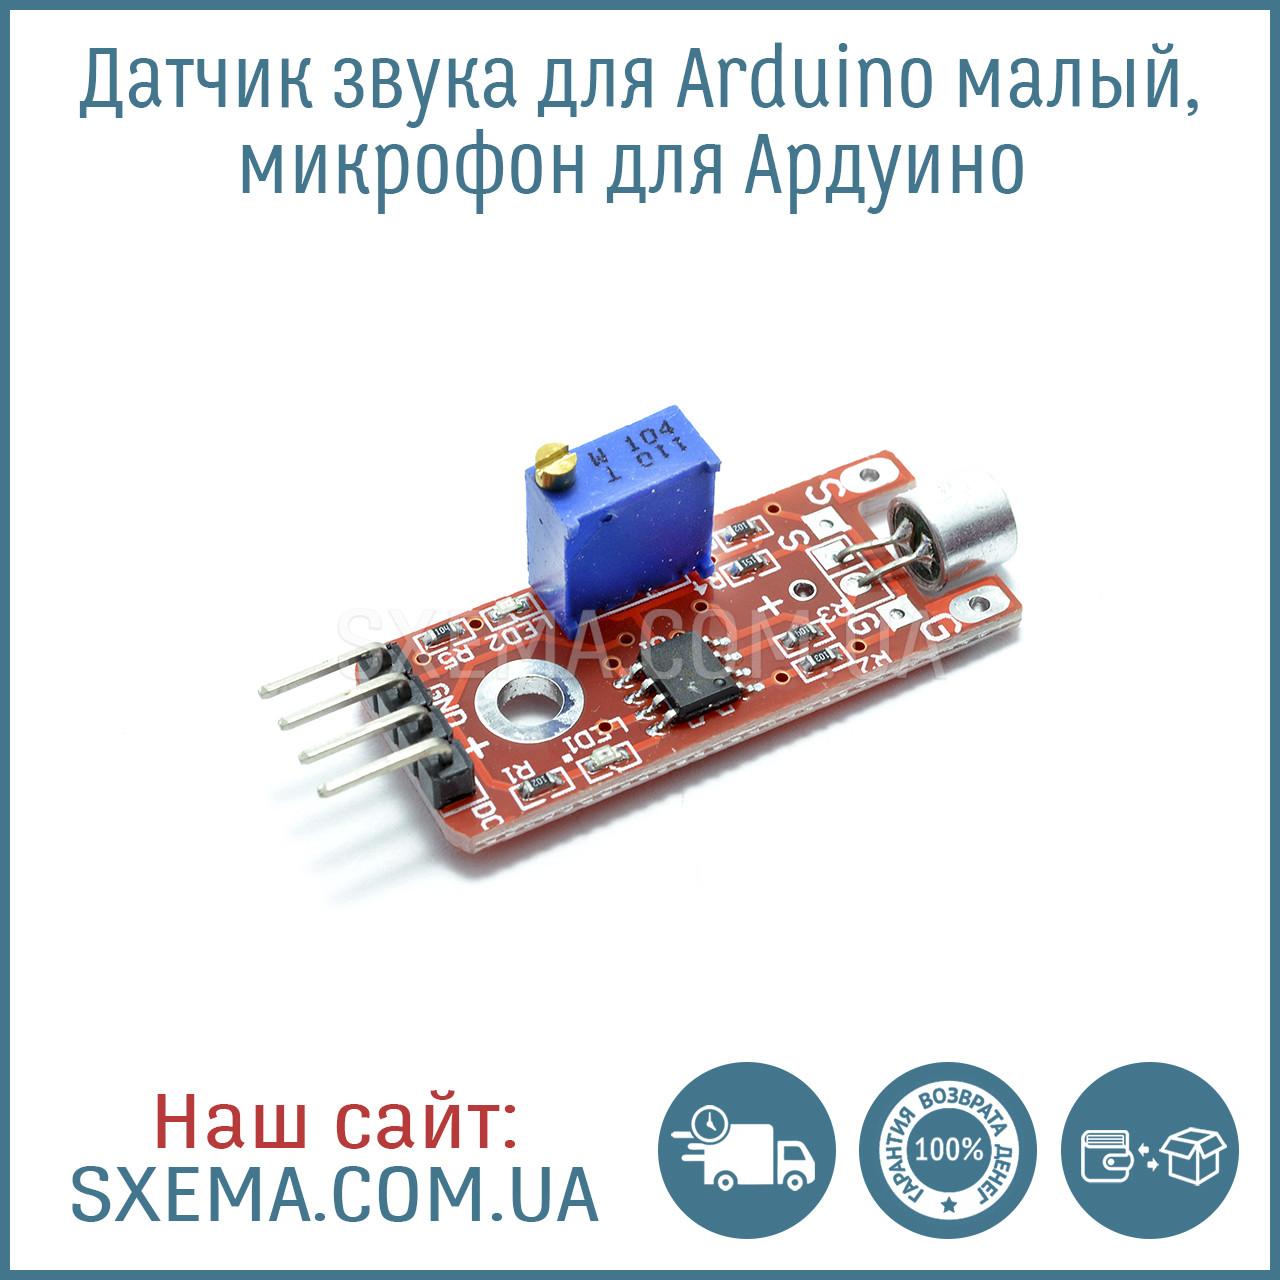 Датчик звука для Arduino малый, микрофон для Ардуино